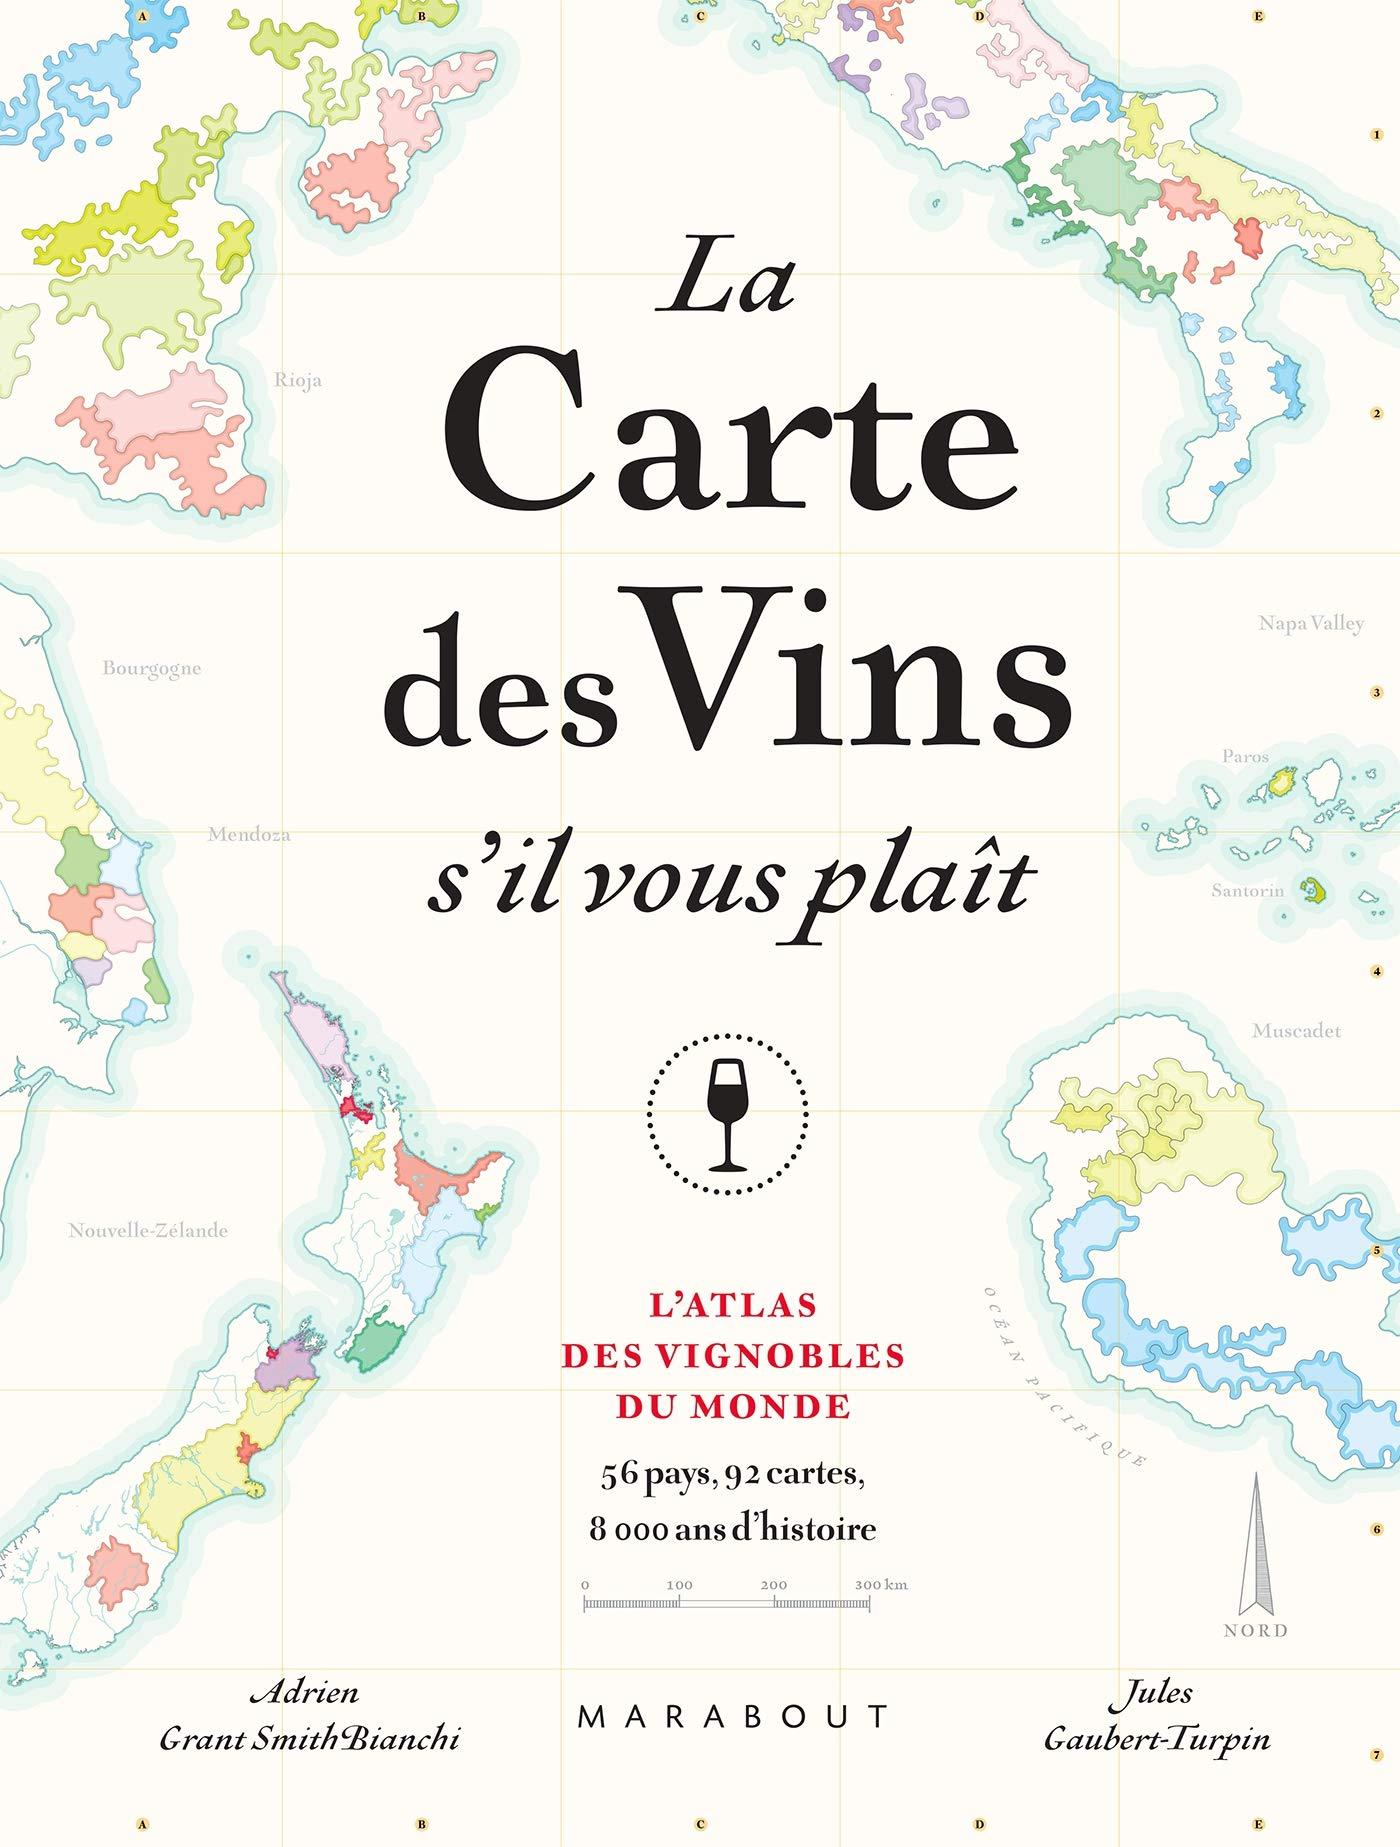 la carte des vins s il vous plait La carte de vins s'il vous plait (Cuisine) (French Edition): Jules